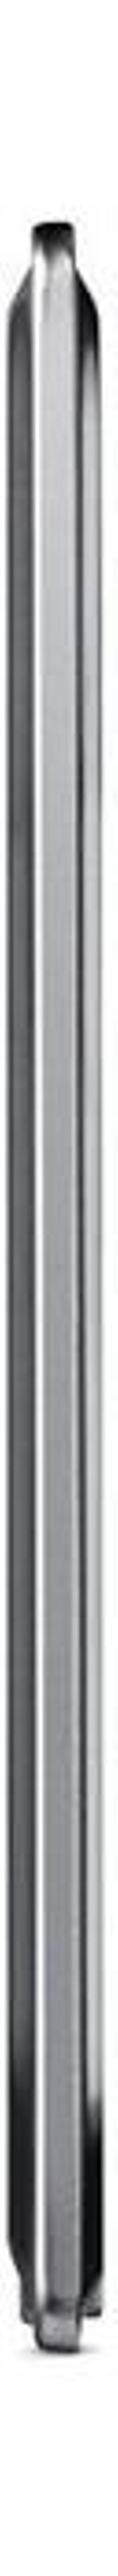 هارد ديسك - محمول السلسلة 7 - سعة 500 جيجا بايت - سيجيت